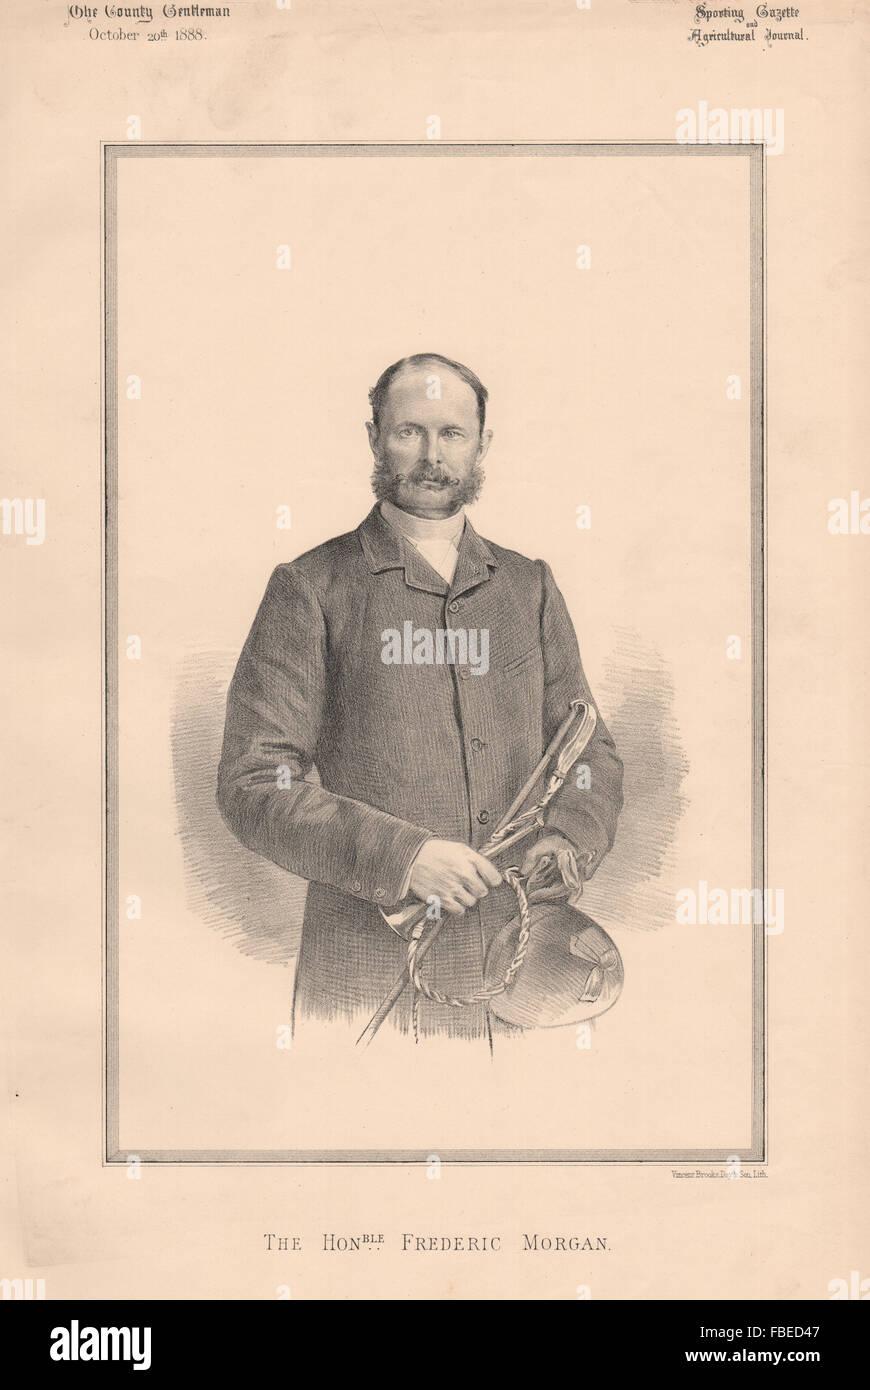 Gli onorevoli Frederic Morgan, antica stampa 1888 Immagini Stock